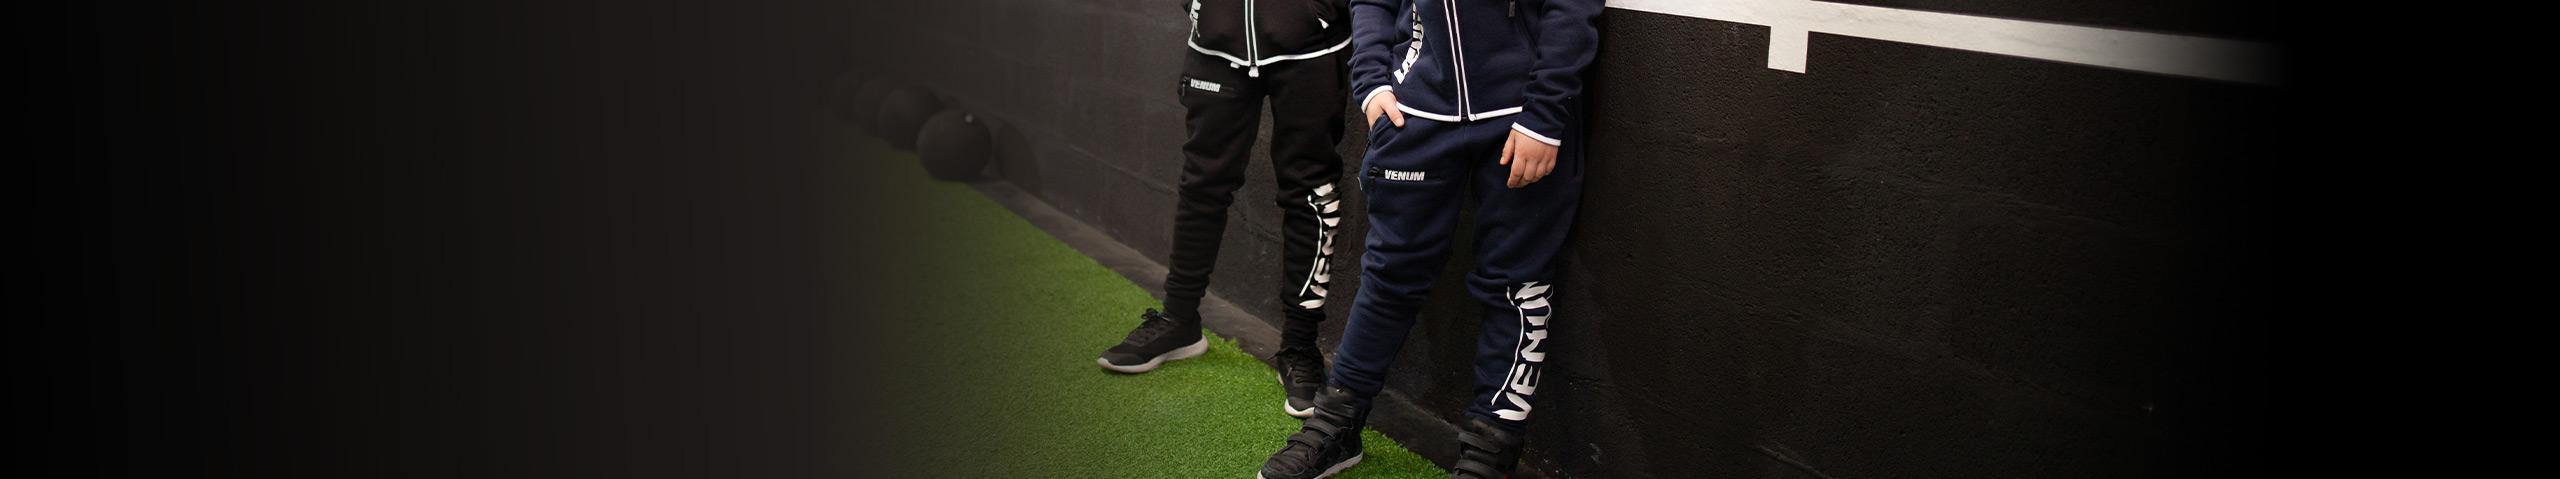 Venum Joggingbroeken - Kinderen - Venum.com Nederland